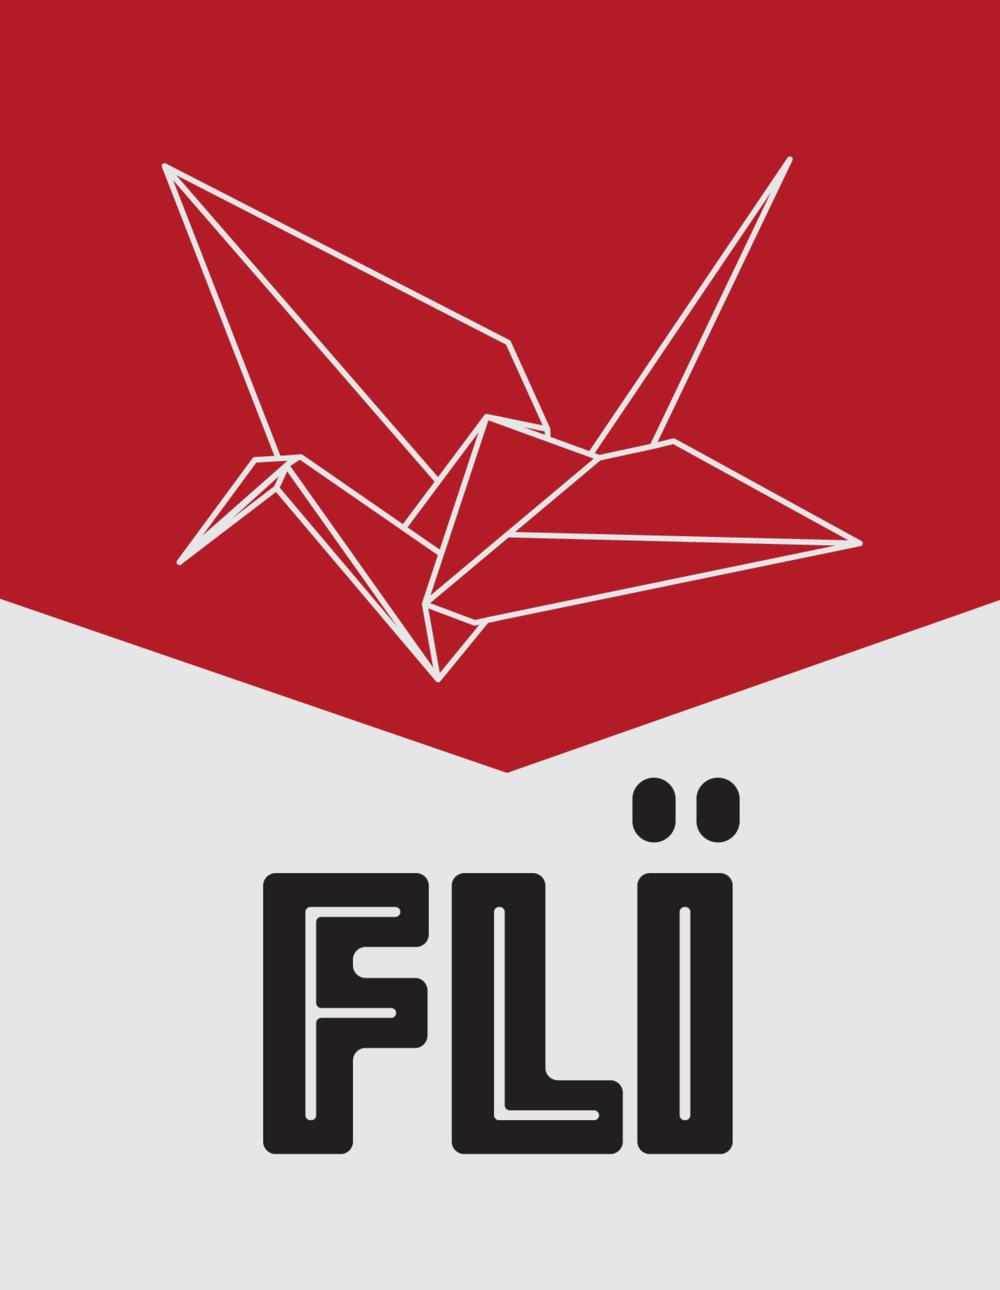 FLI_LOGO_1.png